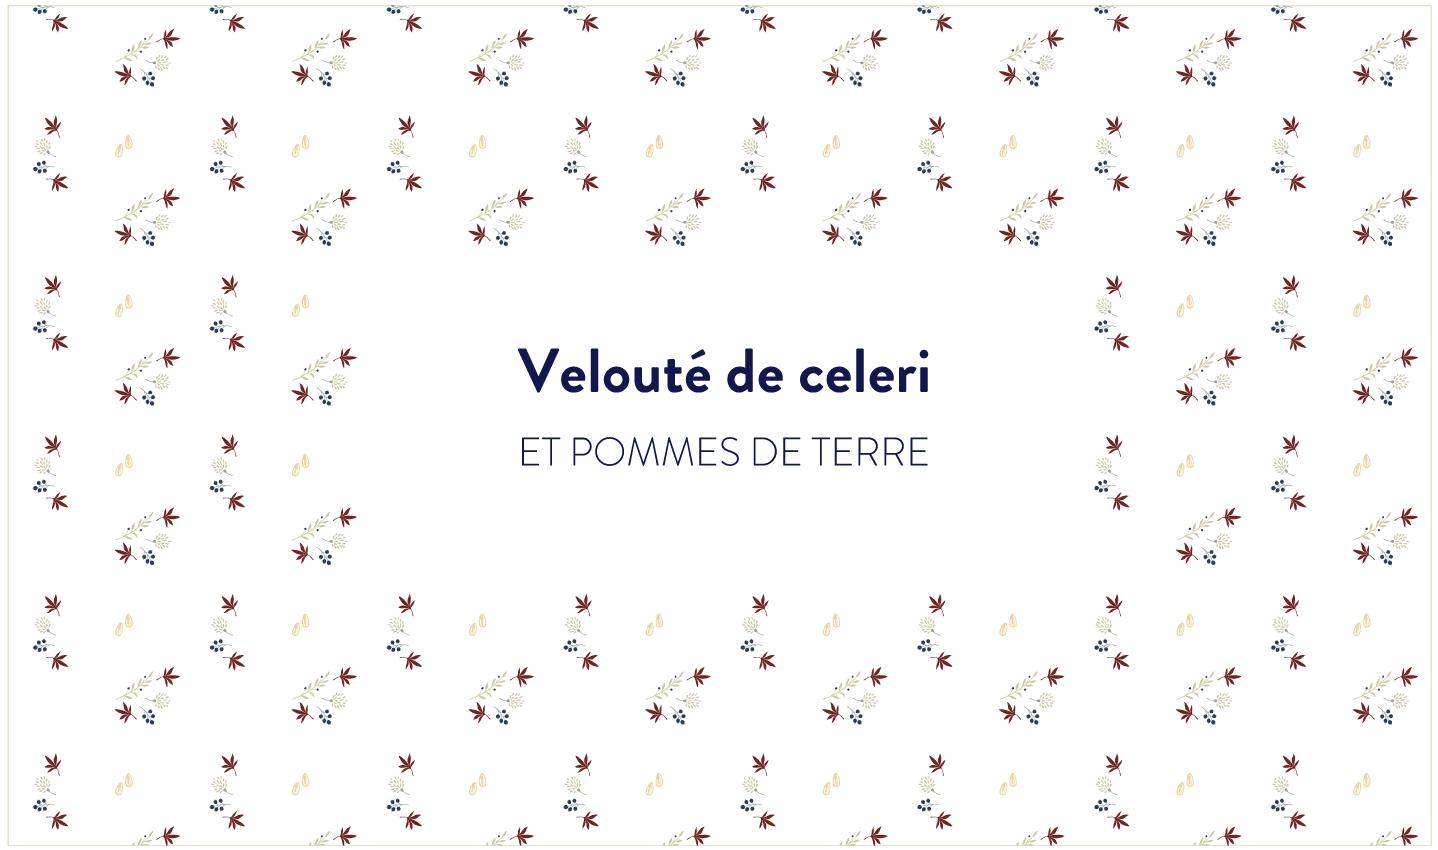 motifs-2016-automne-soupe_celeri